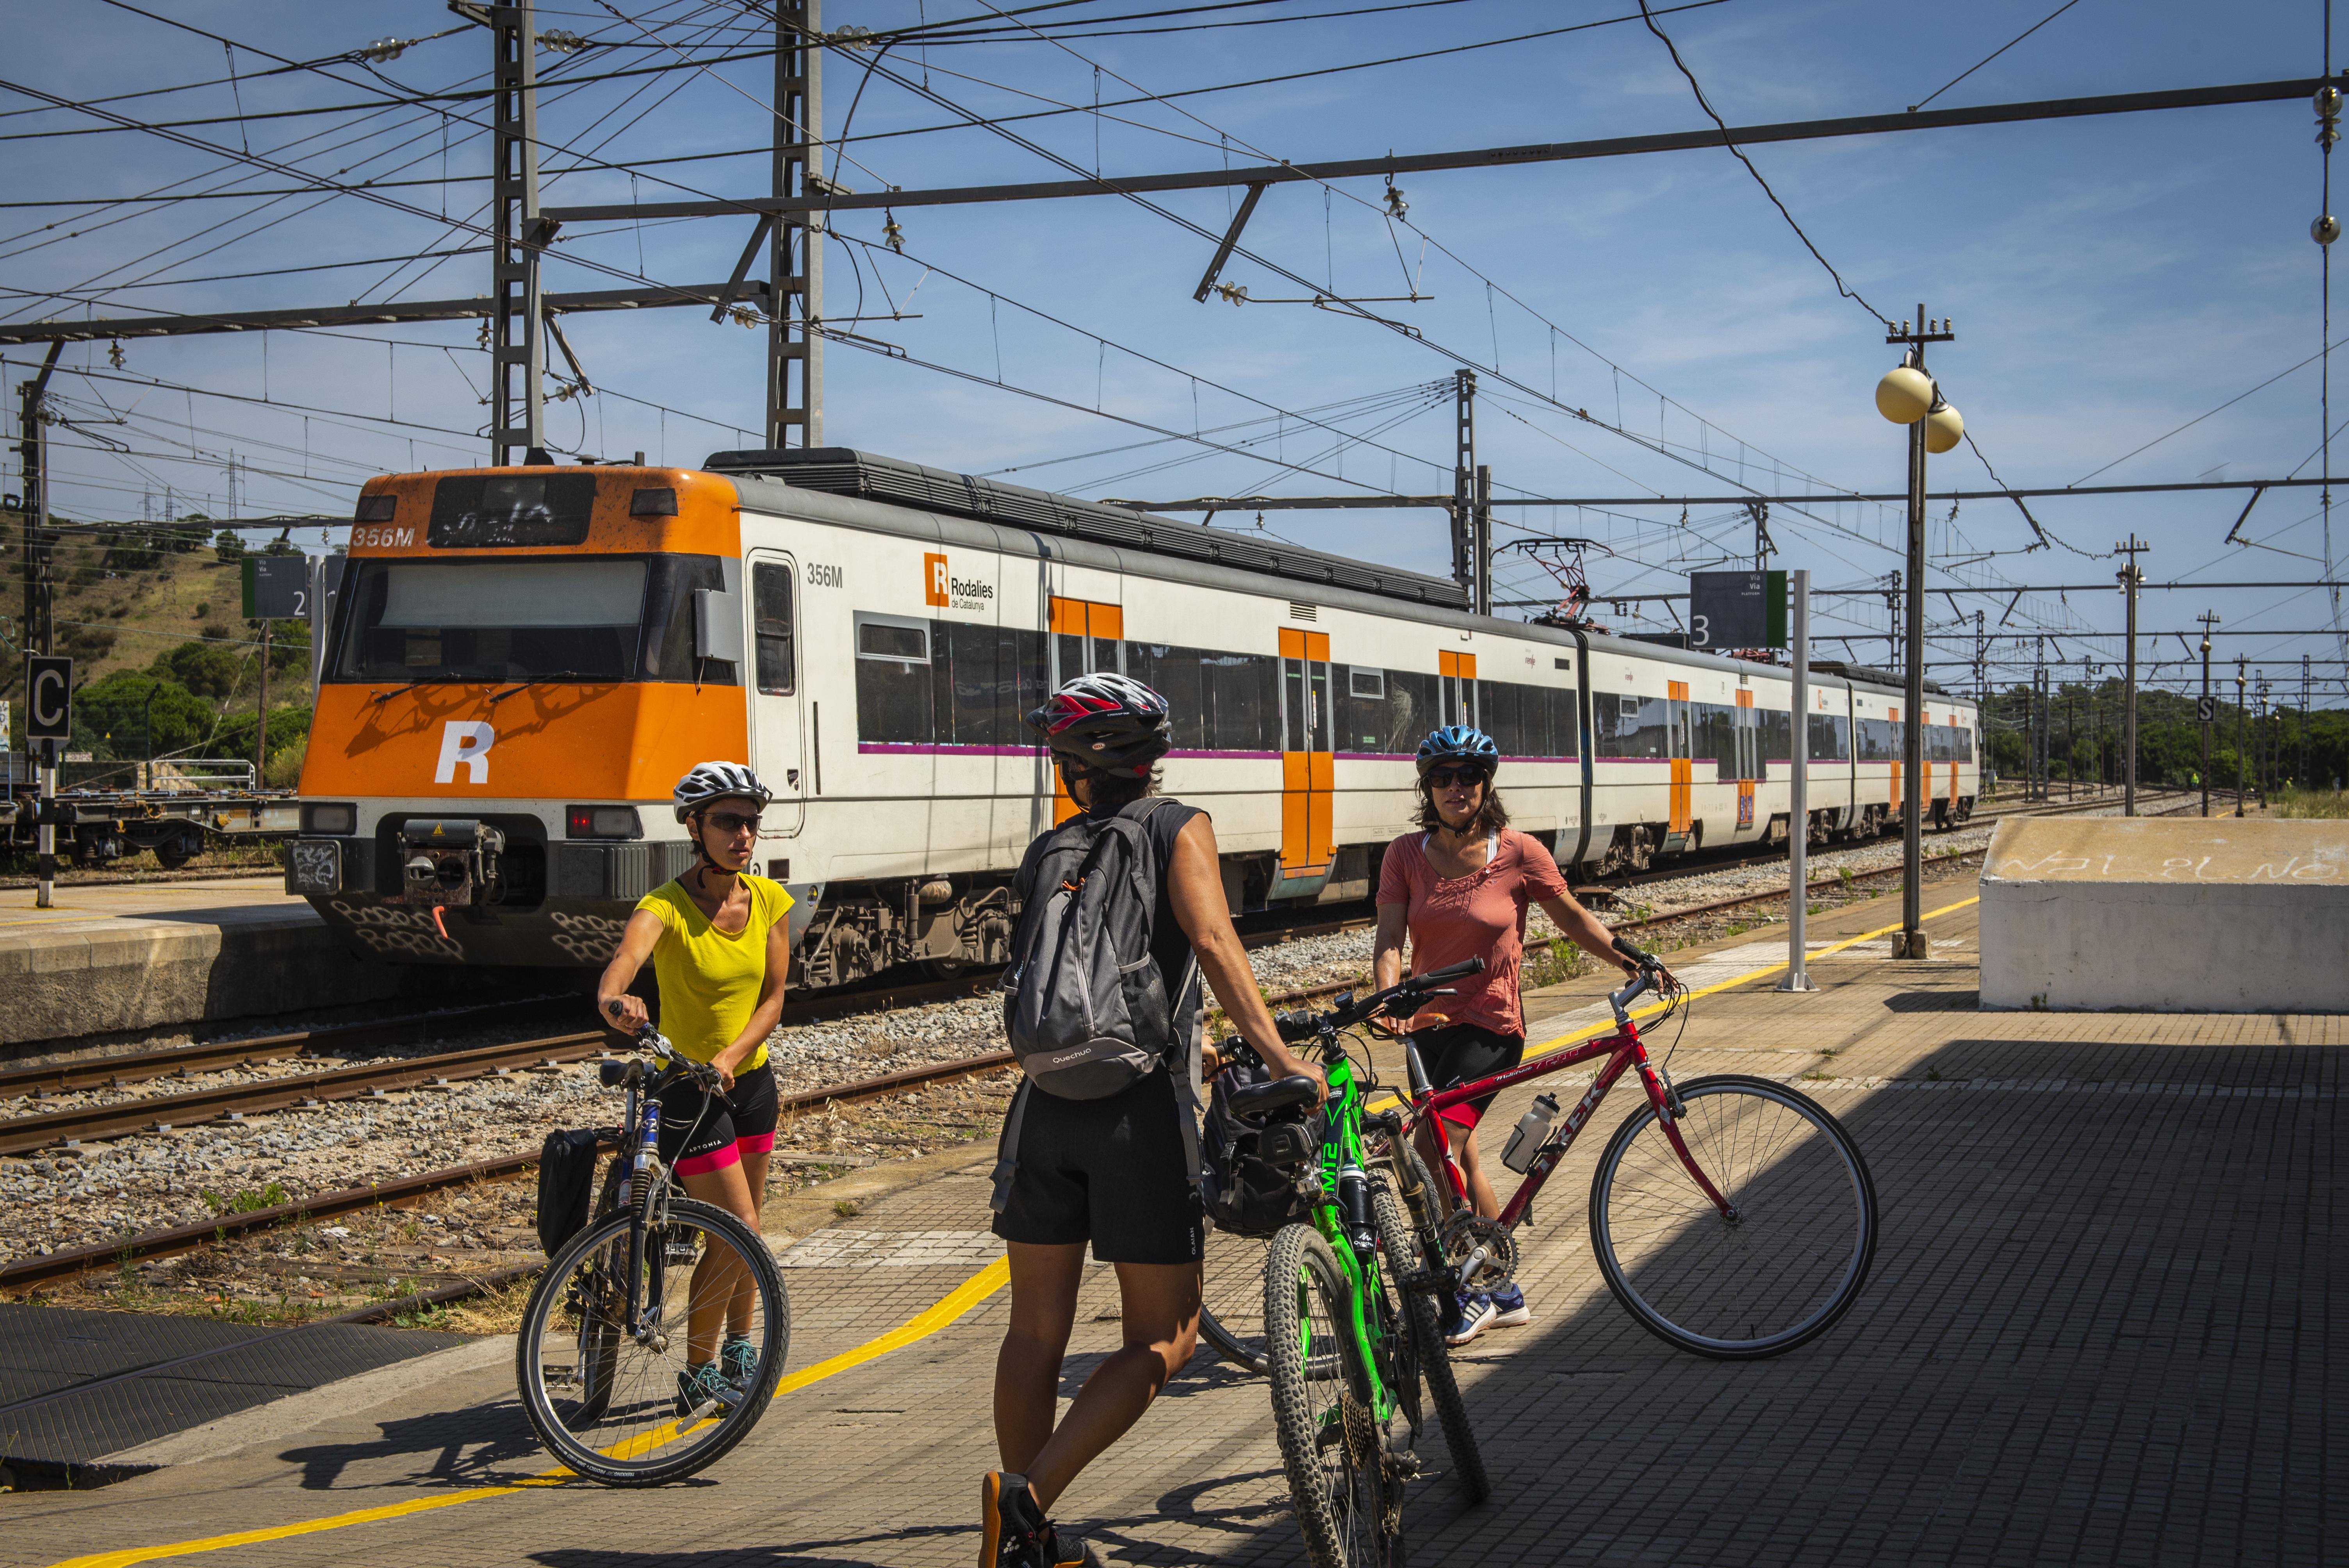 Creuant les víes del tren amb les bicicletes, de ruta ciclista